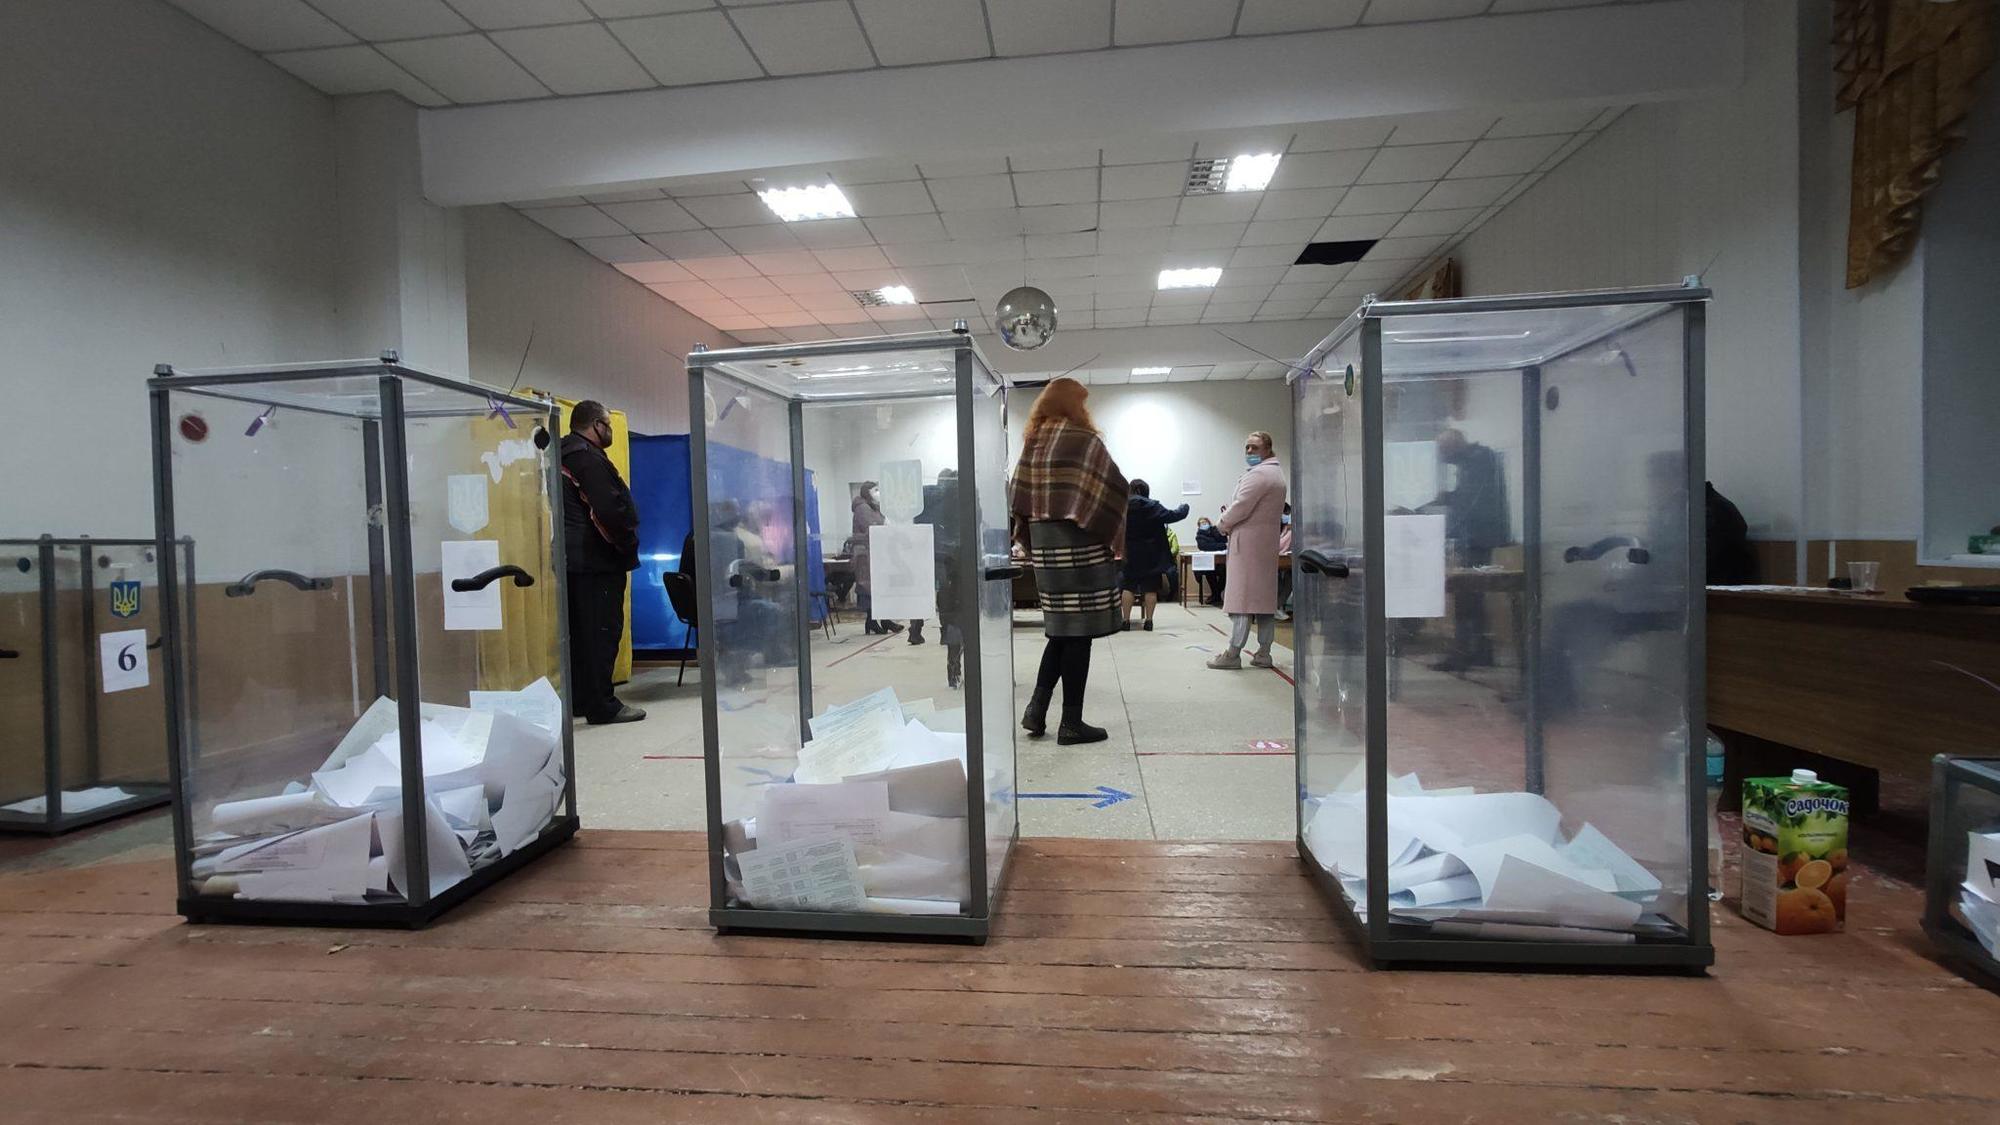 вибори 2020, виборча дільниця, виборчі урни